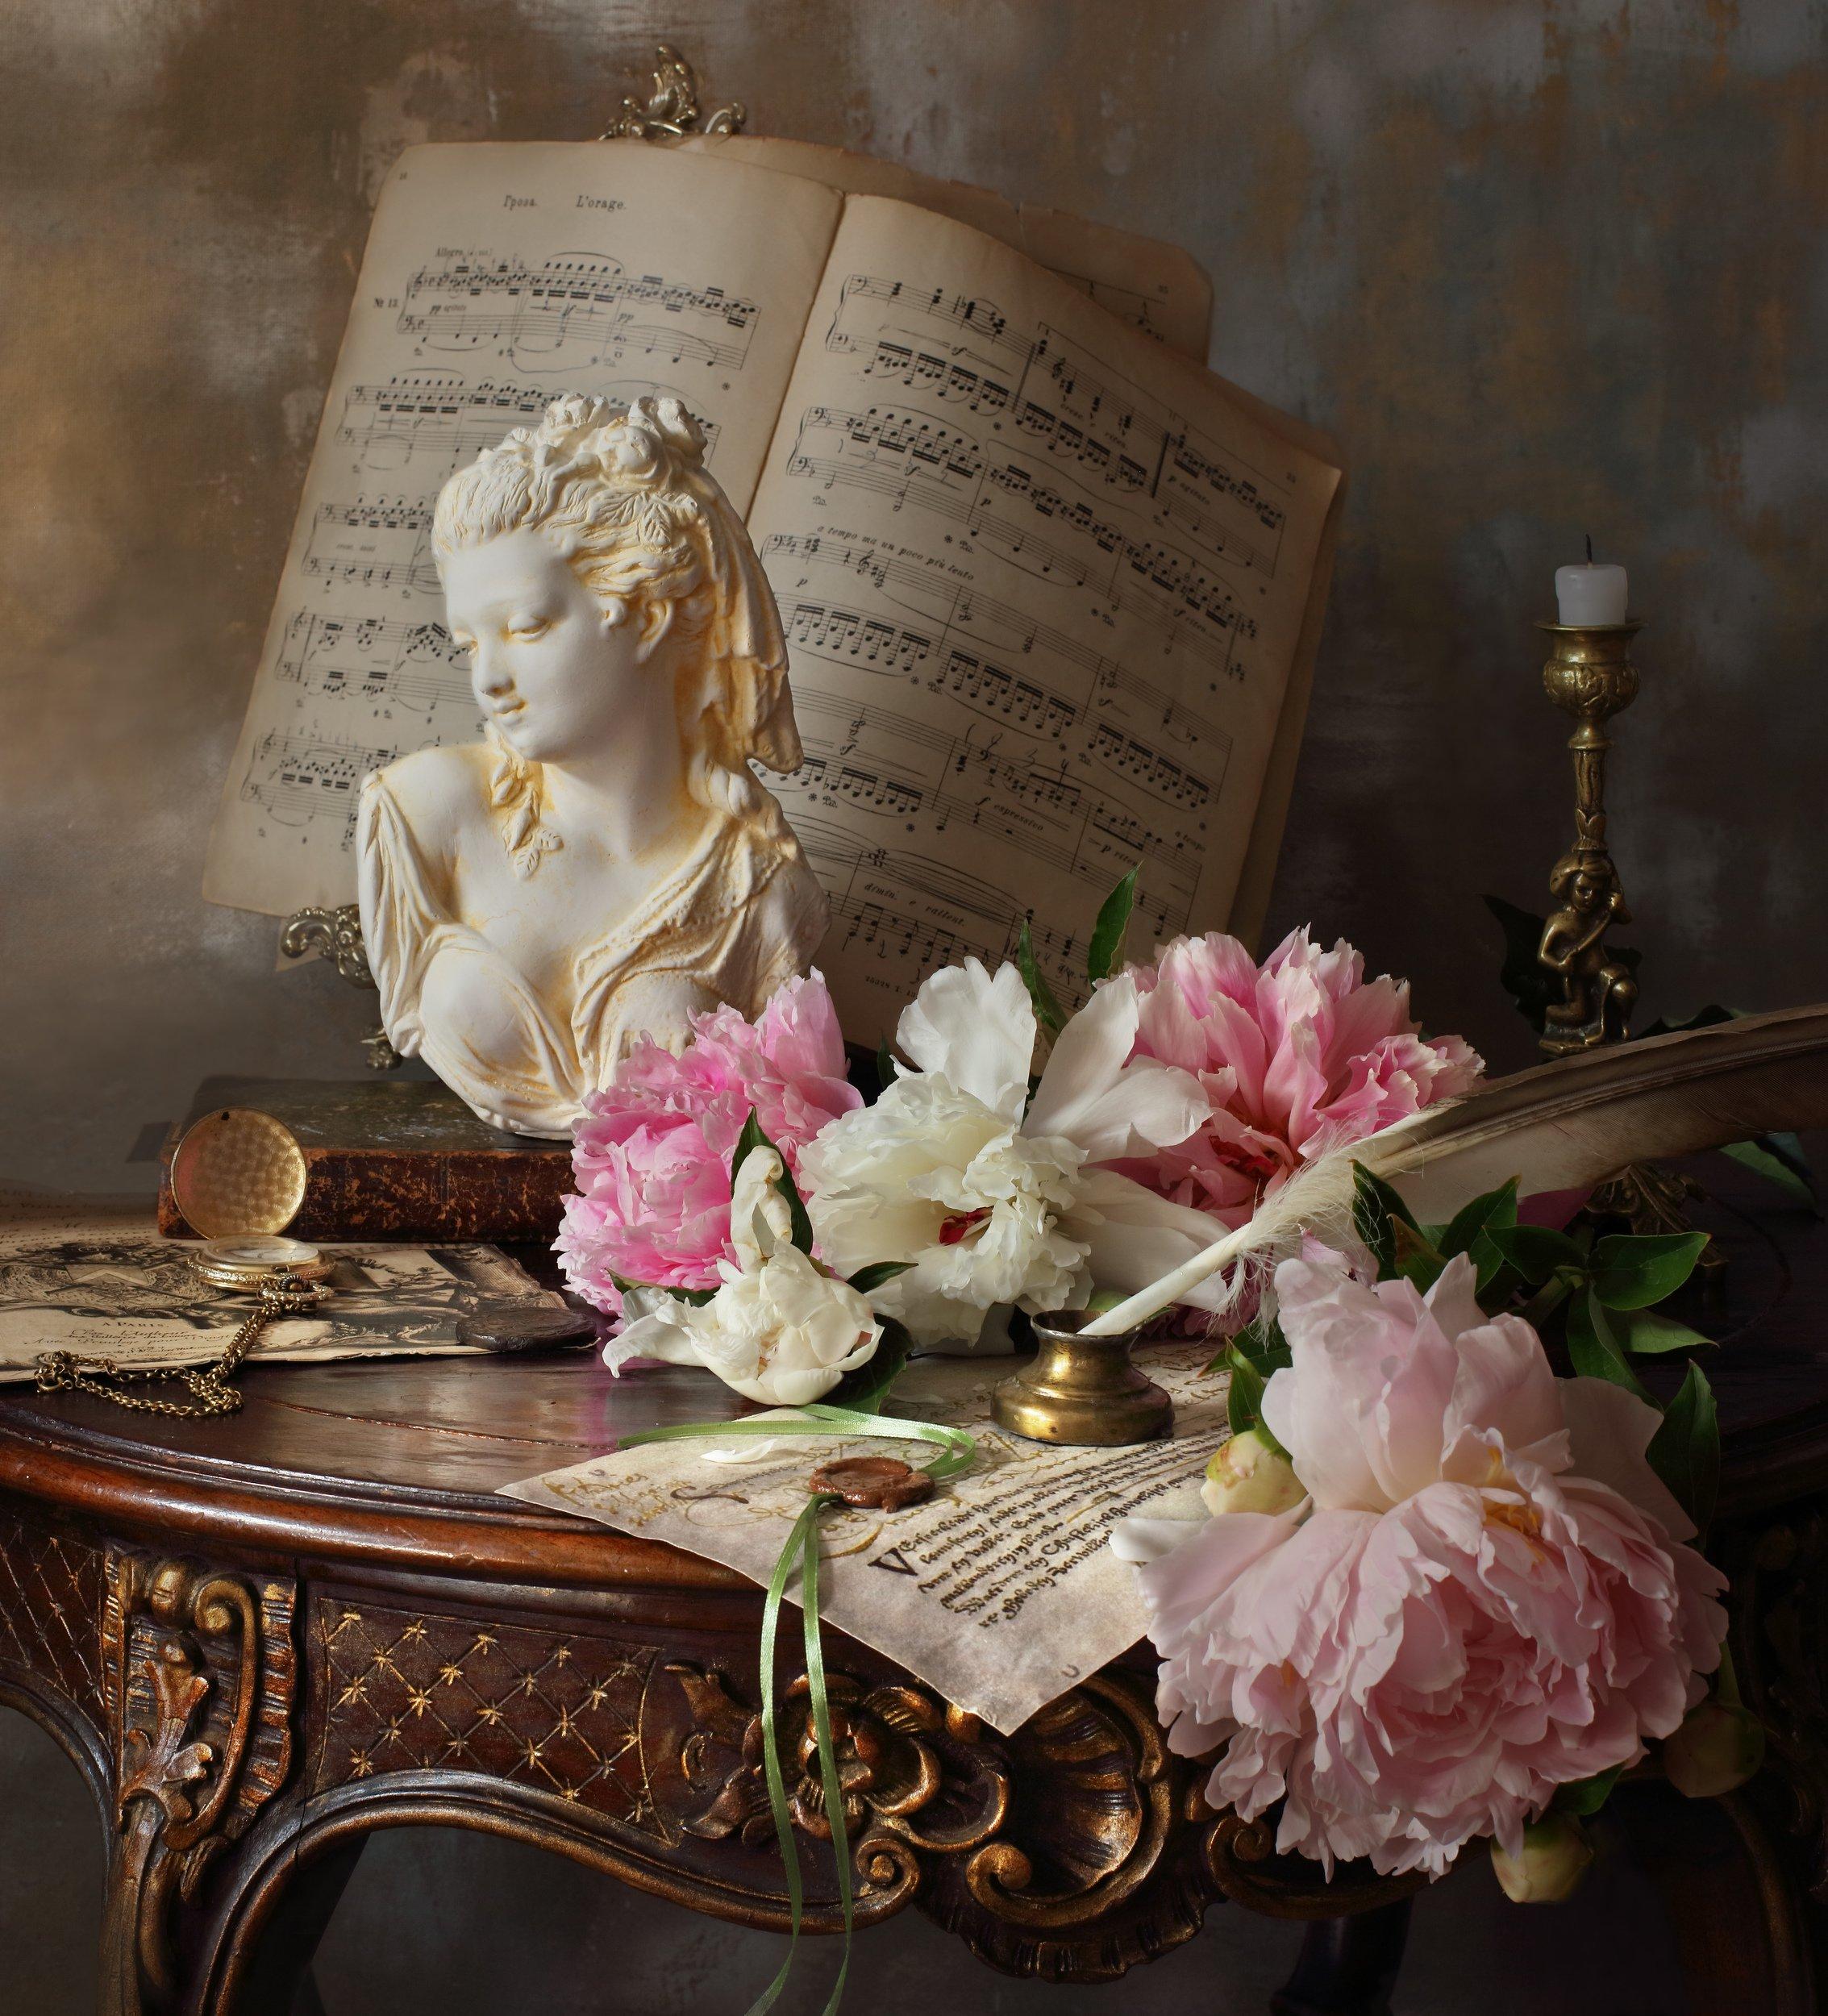 цветы, пионы, свеча, девушка, бюст, скульптура, Морозов Андрей